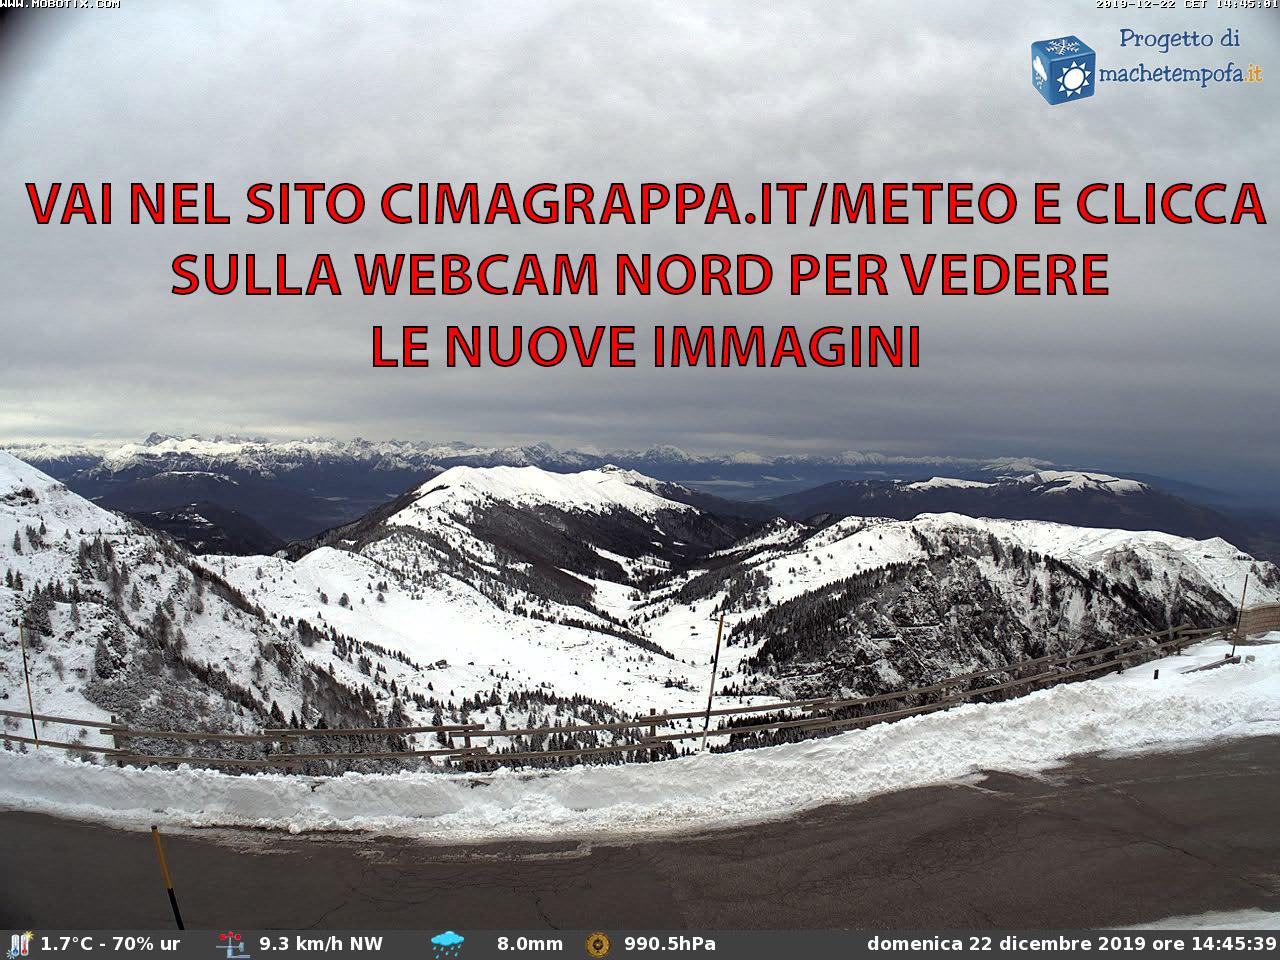 Meteo Webcam Cima Grappa nord posizionata sul Rifugio Bassano a 1745m slm